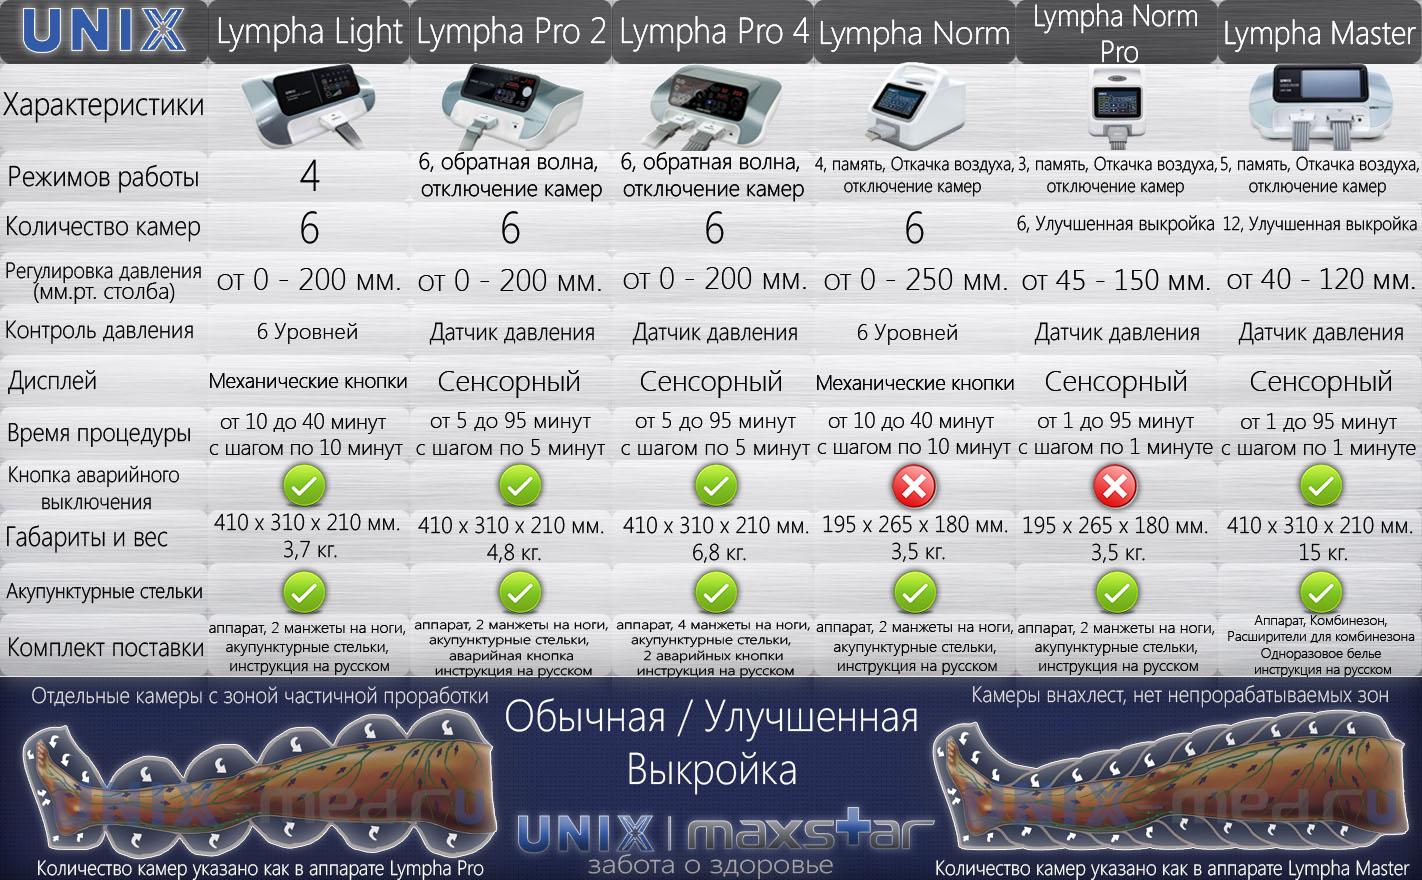 Сравнительная таблица профессиональный 6-ти камерных UNIX Lympha